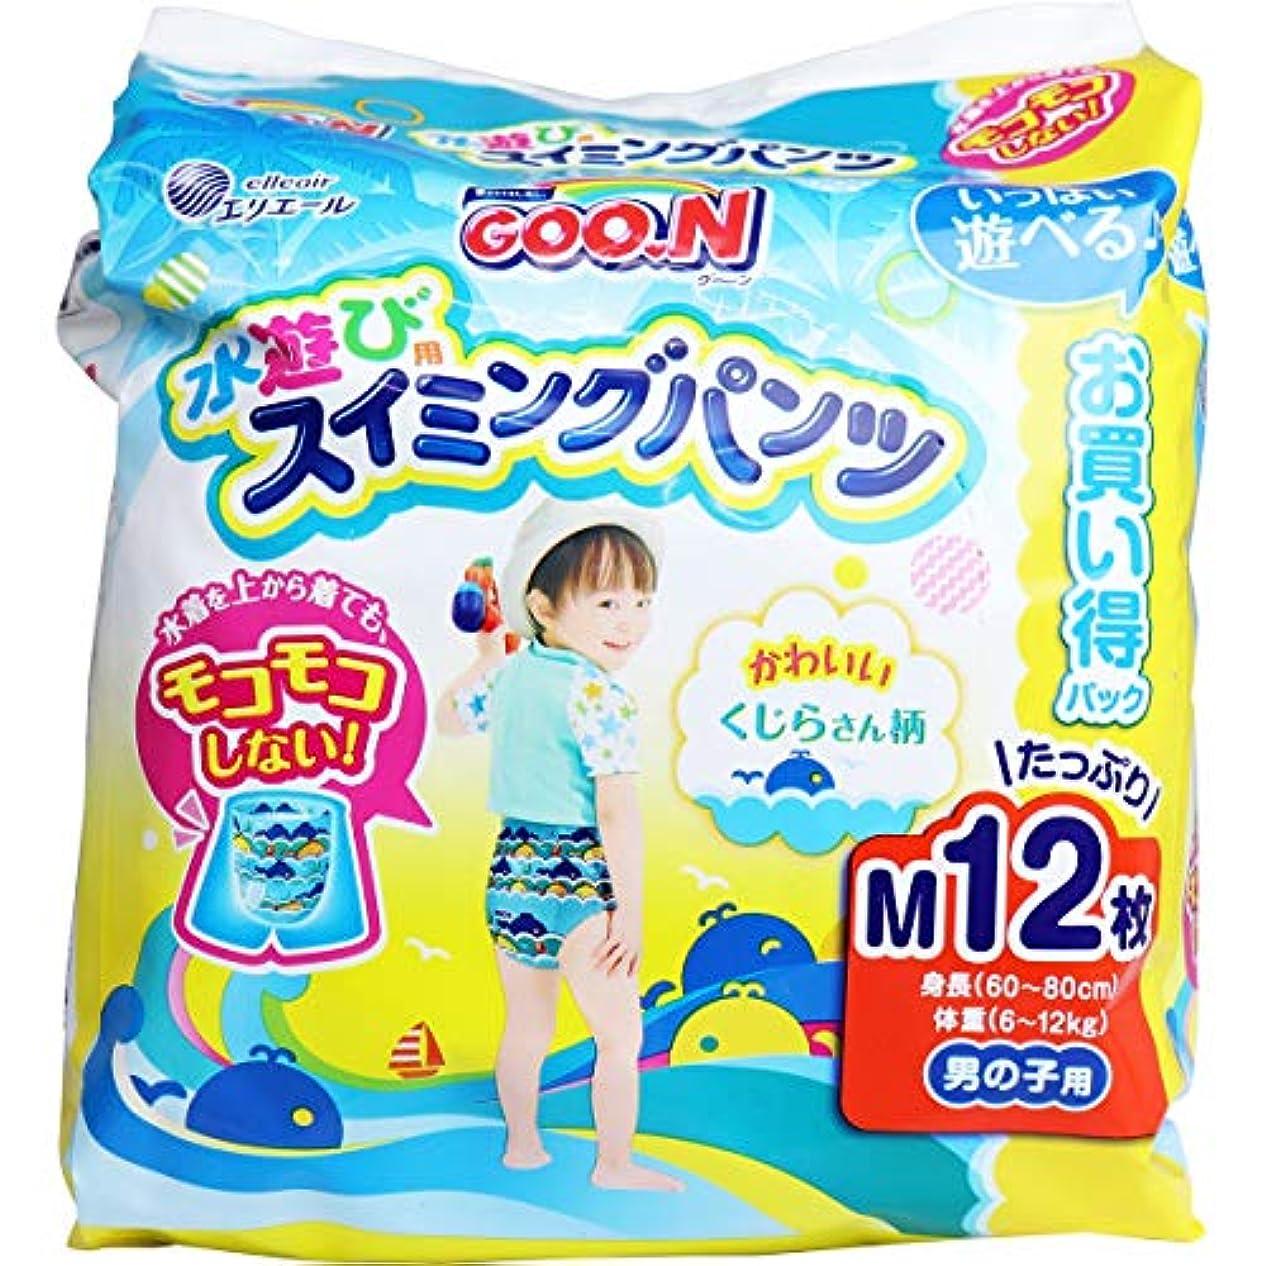 合意雰囲気エントリグーン 水遊び用スイミングパンツ 男の子用 Mサイズ 12枚入×2個セット